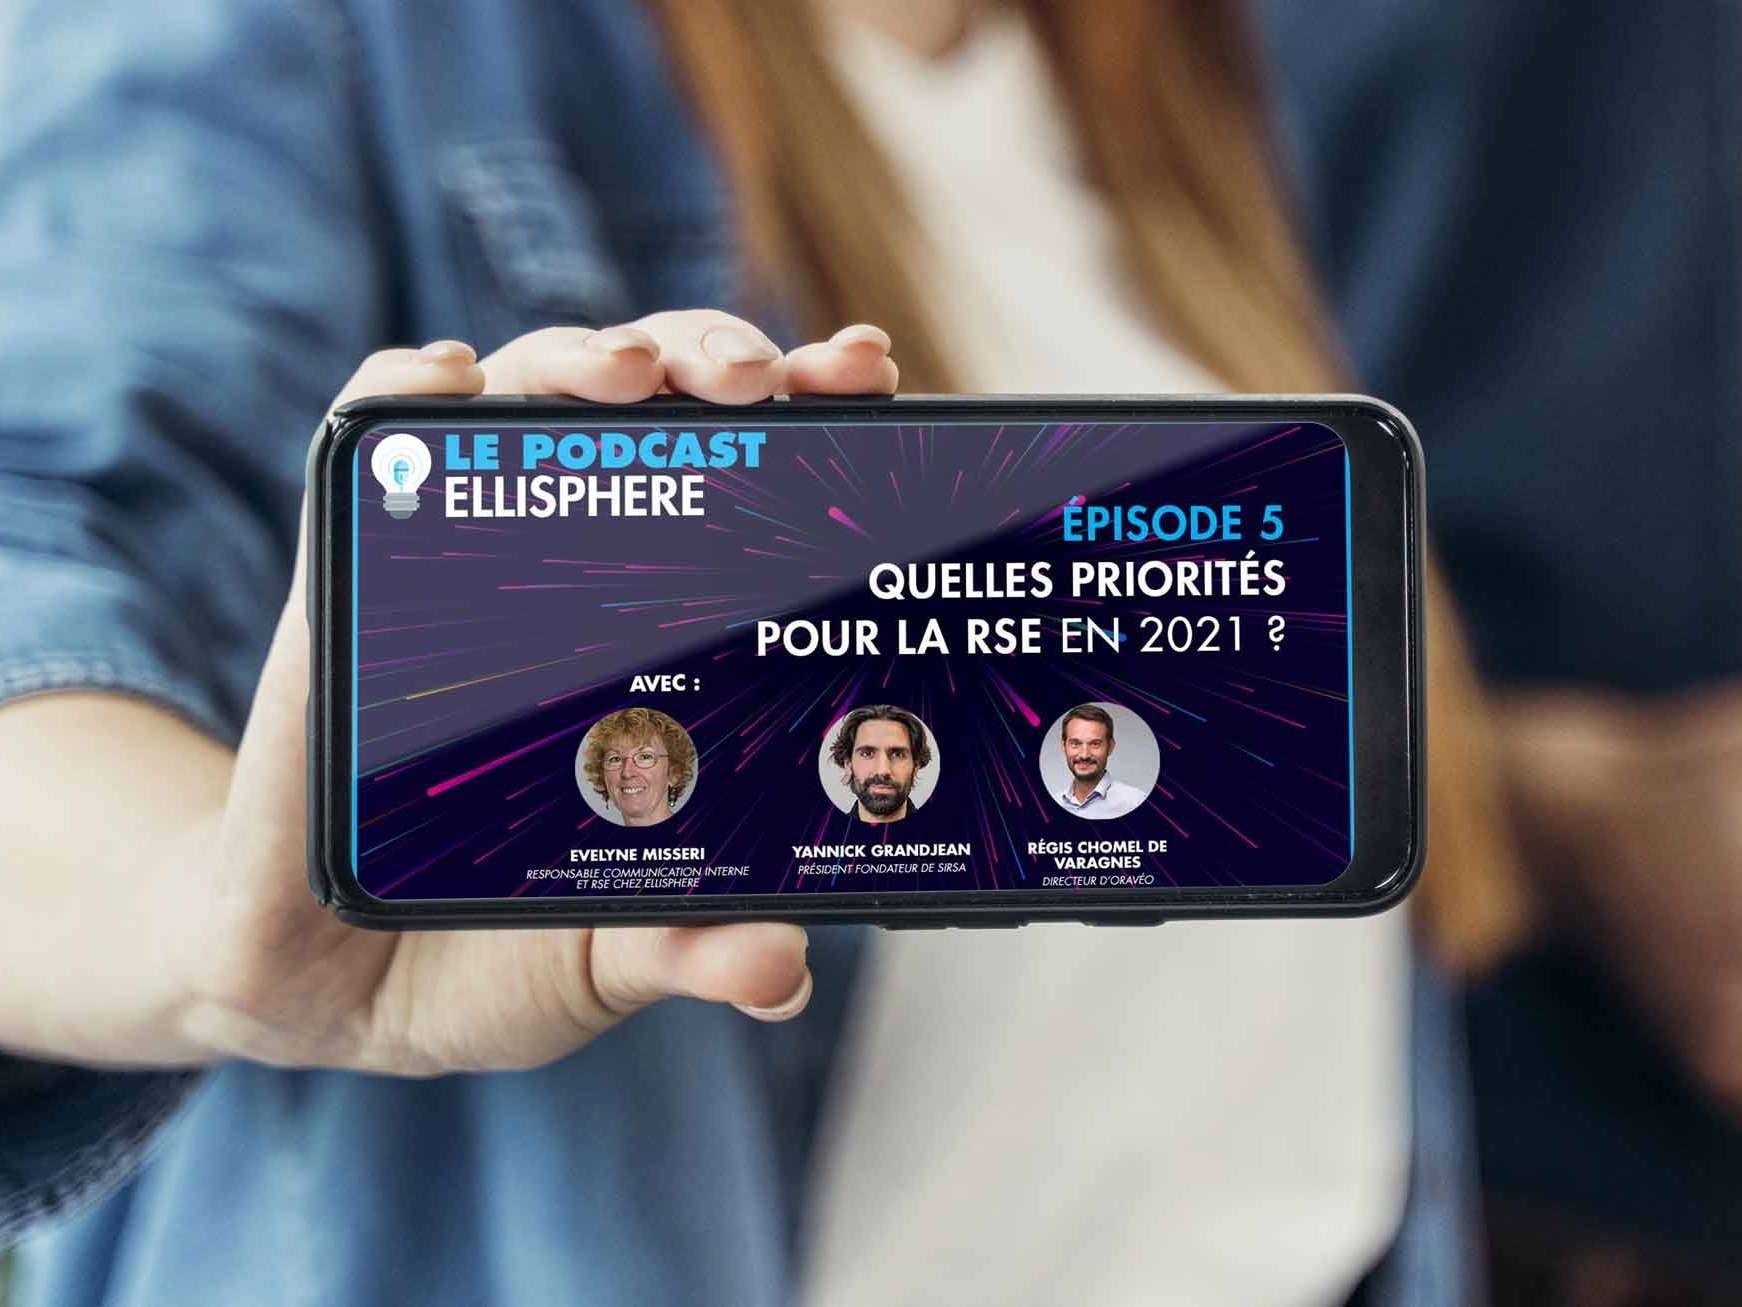 header podcast ellisphere episode 5